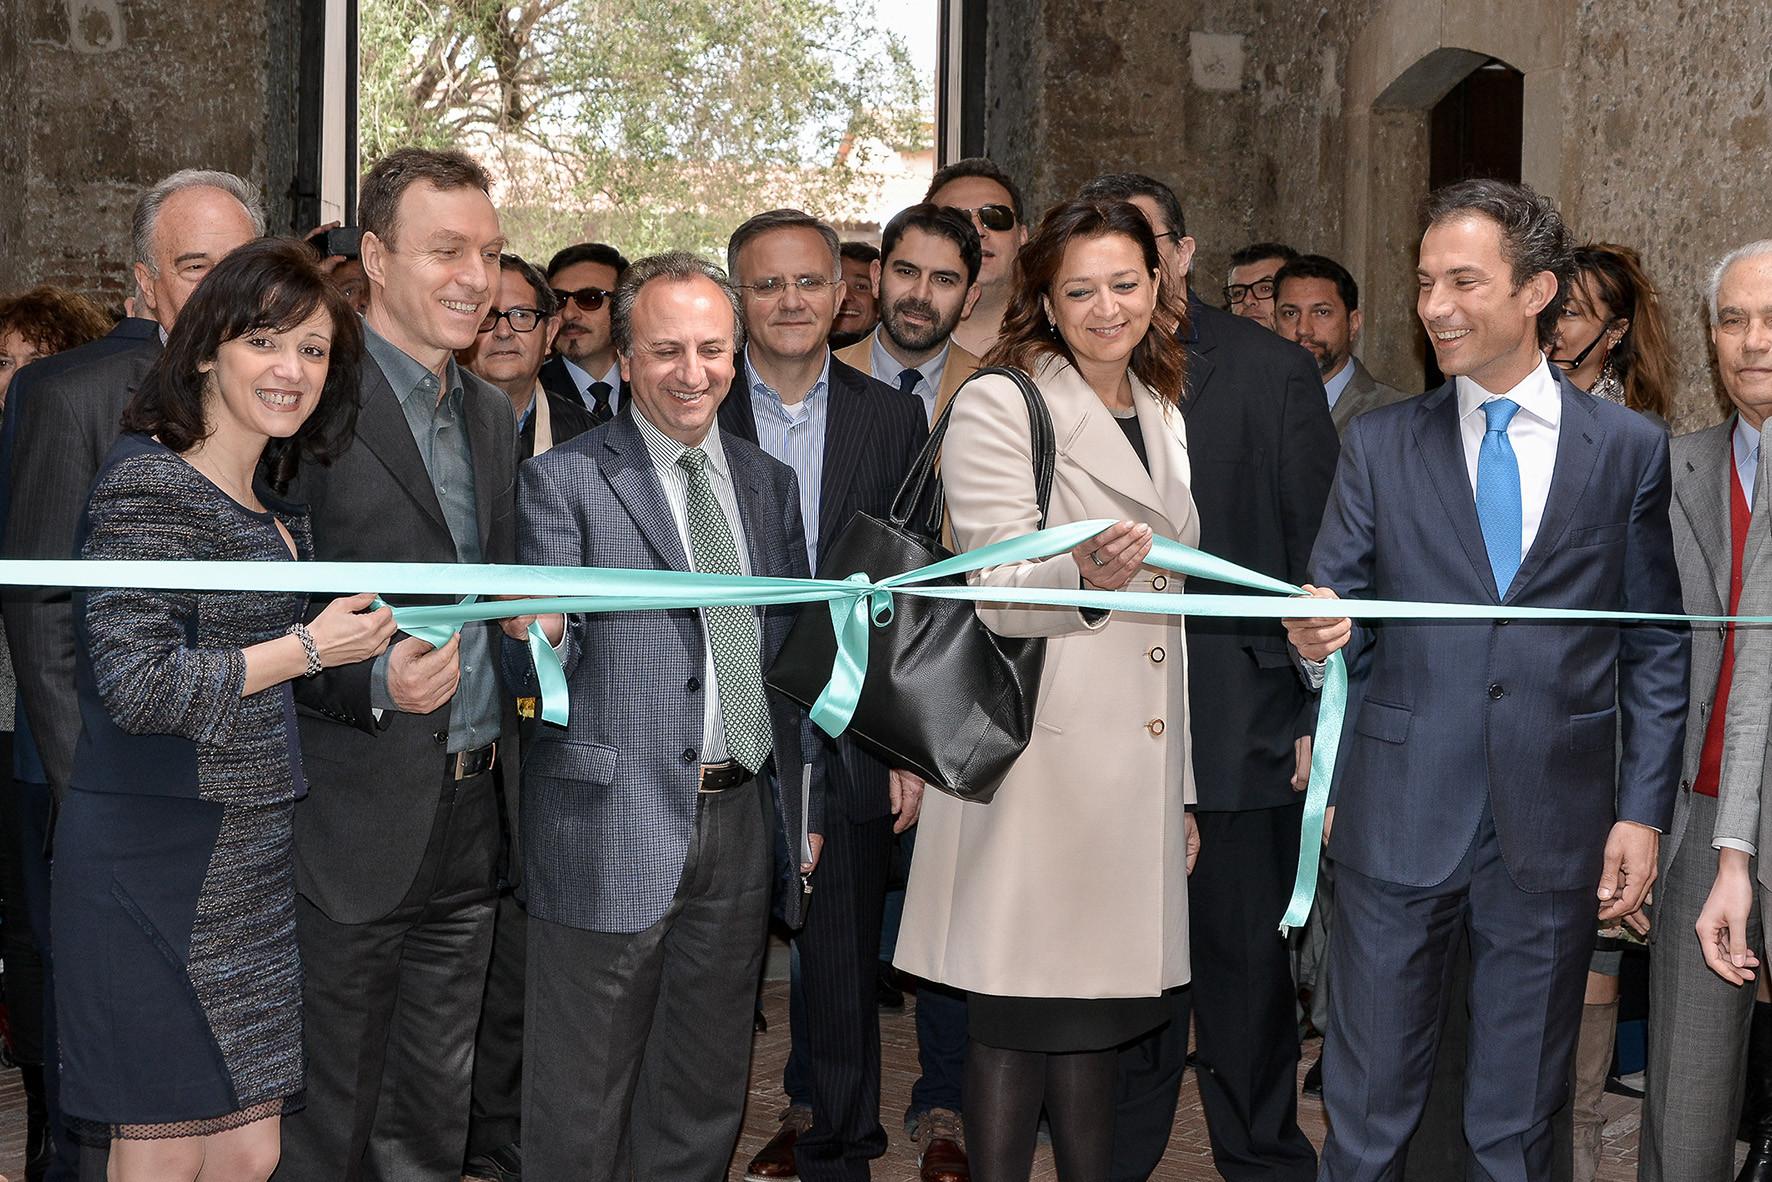 Inaugurato il Kibslab, unico Centro Sperimentale per lo Sviluppo delle Competenze in Campania con sede nel Cilento